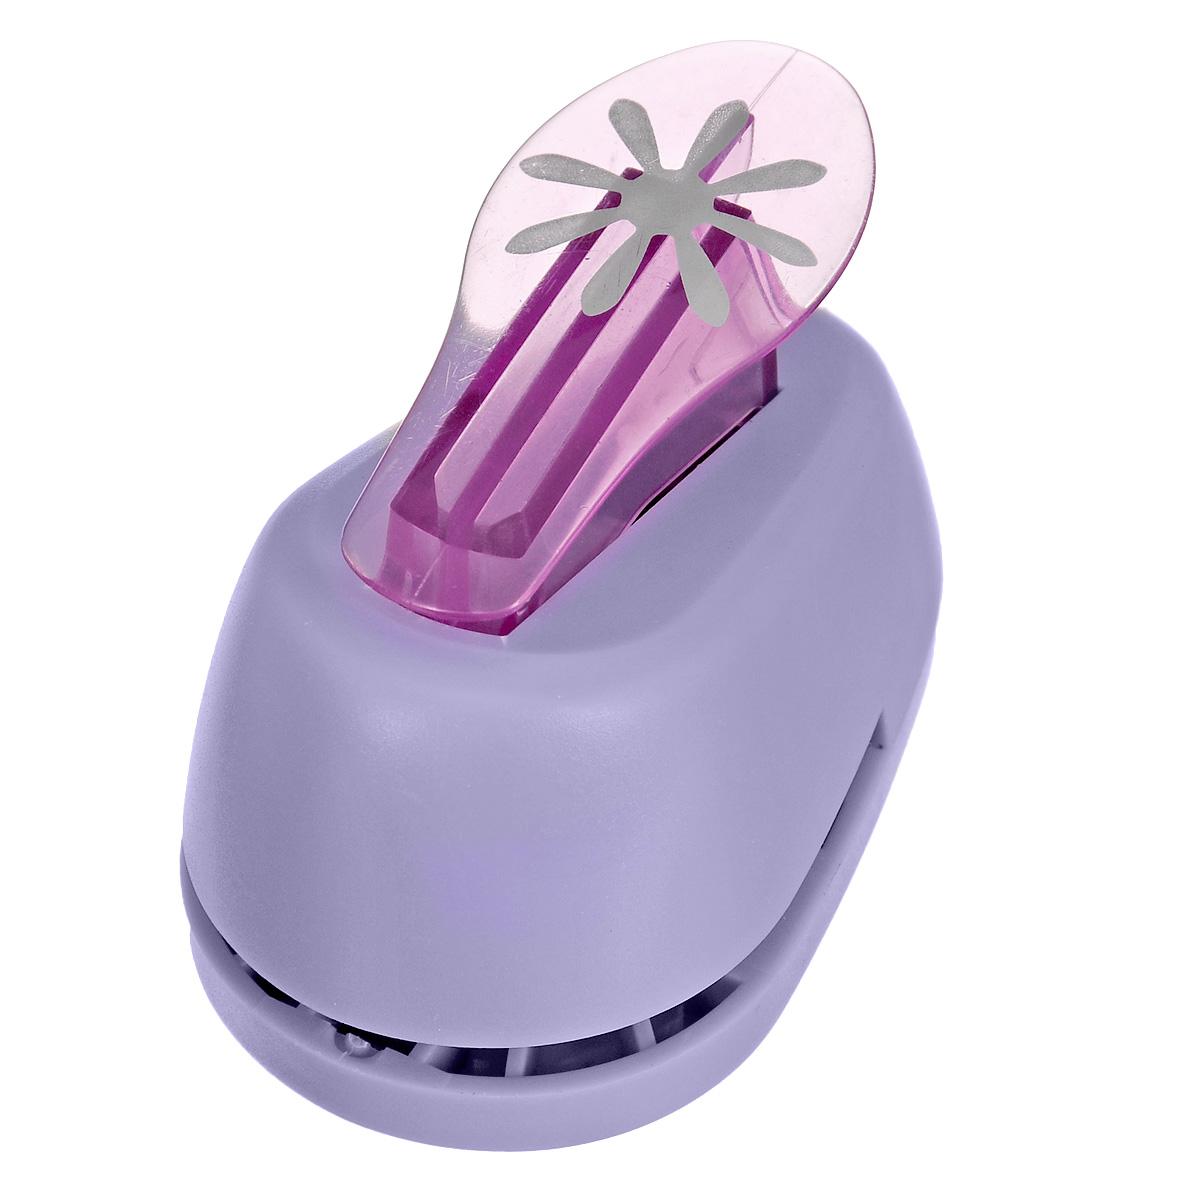 """Дырокол фигурный Hobbyboom """"Цветок 8 лепестков"""", №336, цвет: сиреневый, 2,5 см CD-99M-336"""